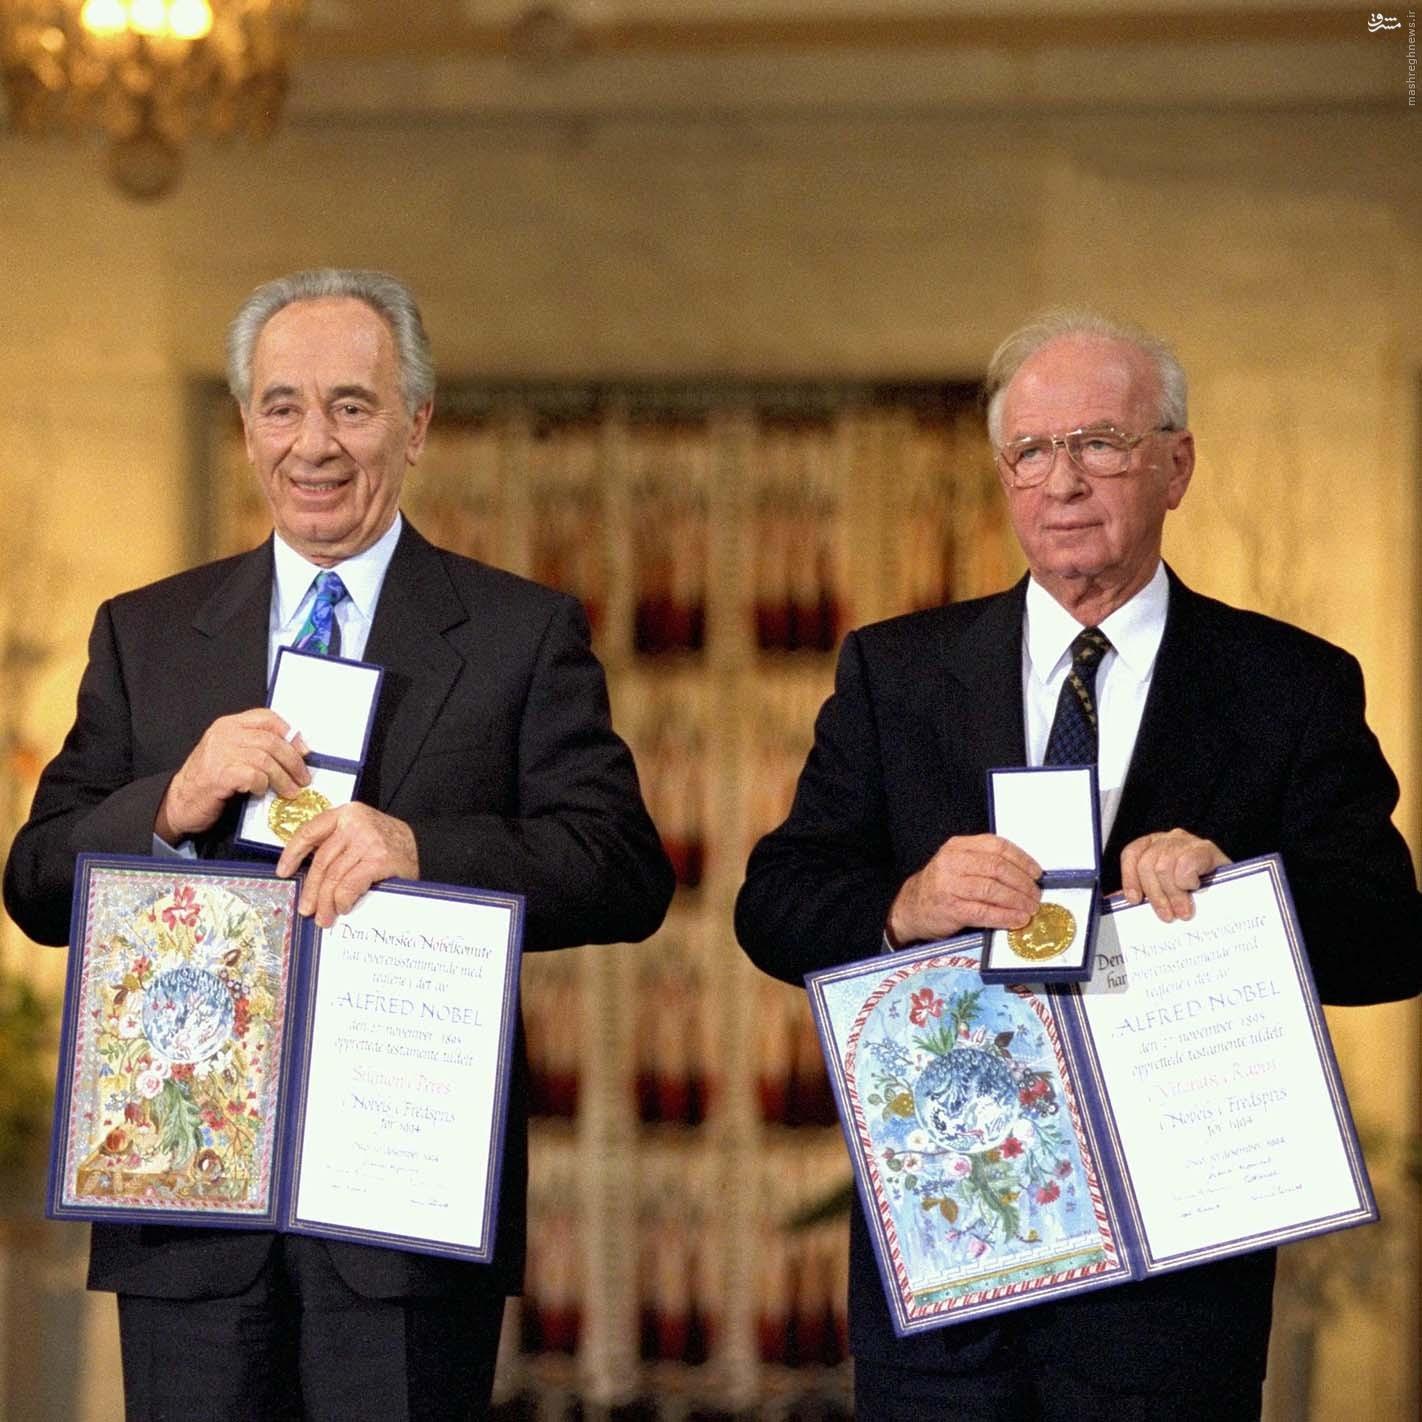 مشخص نیست جایزه صلح نوبل به ظریف اعطا شود/17 مهر مشخص می شود برنده جایزه صلح نوبل کیست/پشیمانی مدیر سابق نوبل از اعطای جایزه به اوباما کذب است/ جایزه صلح نوبل سیاسی نیست/ آماده انتشار